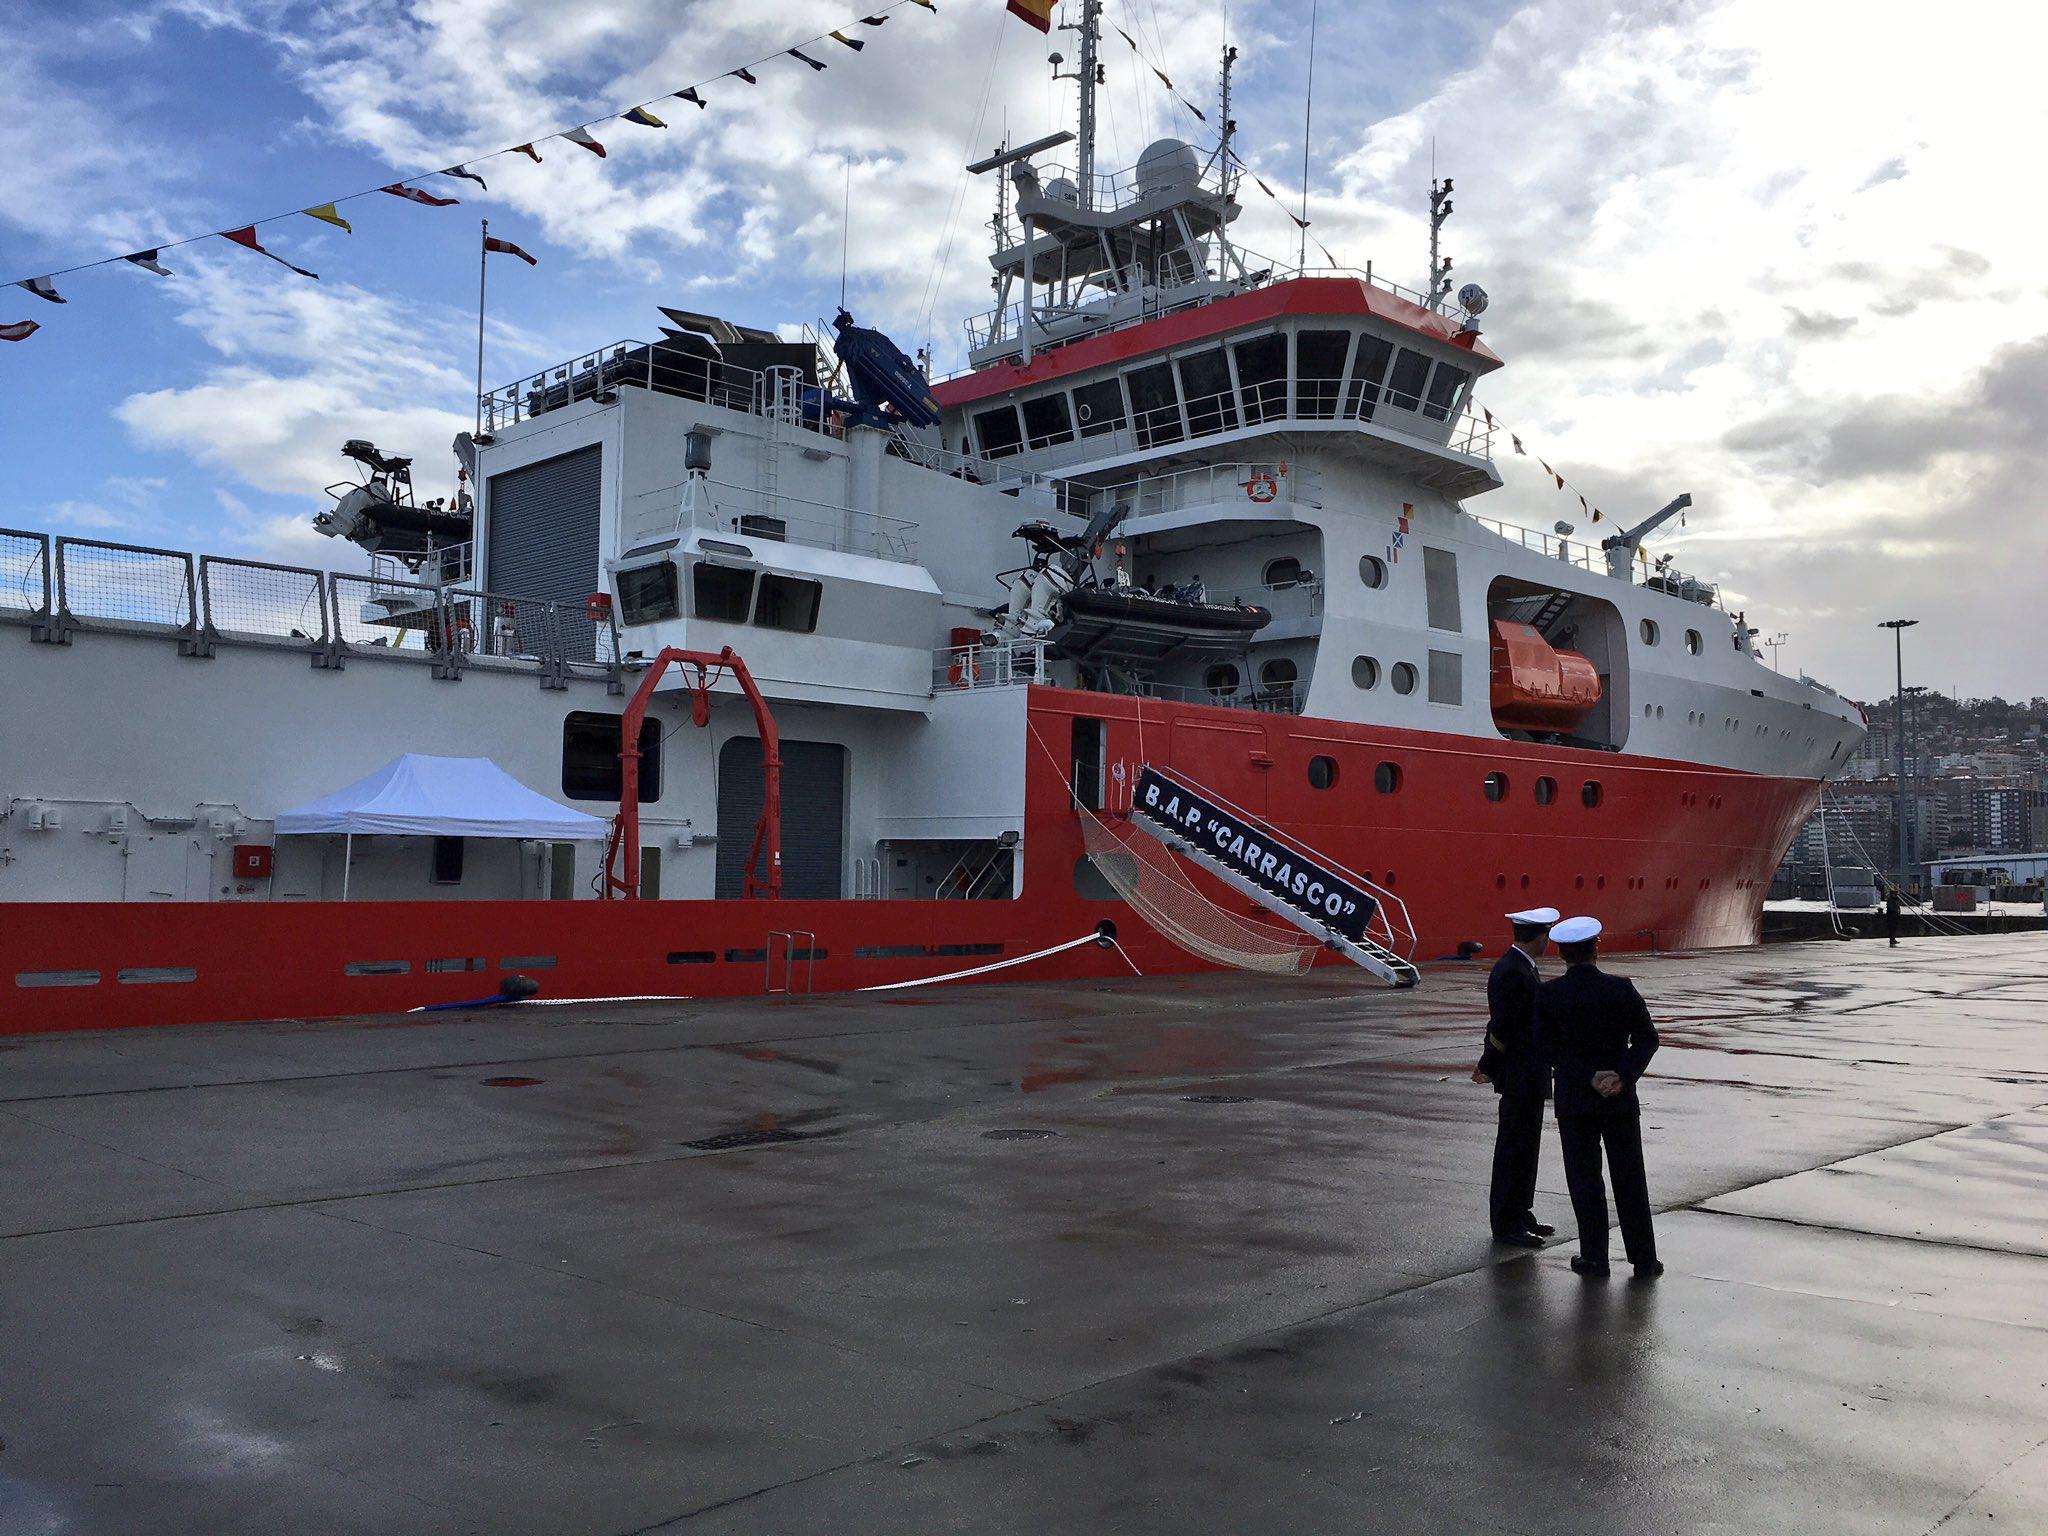 Построенное для ВМС Перу испанской судостроительной компанией Construcciones Navales P. Freire антарктическое полярное исследовательское судно BOP 171 Carrasco перед передачей заказчику. Виго (Испания), 22.03.2017